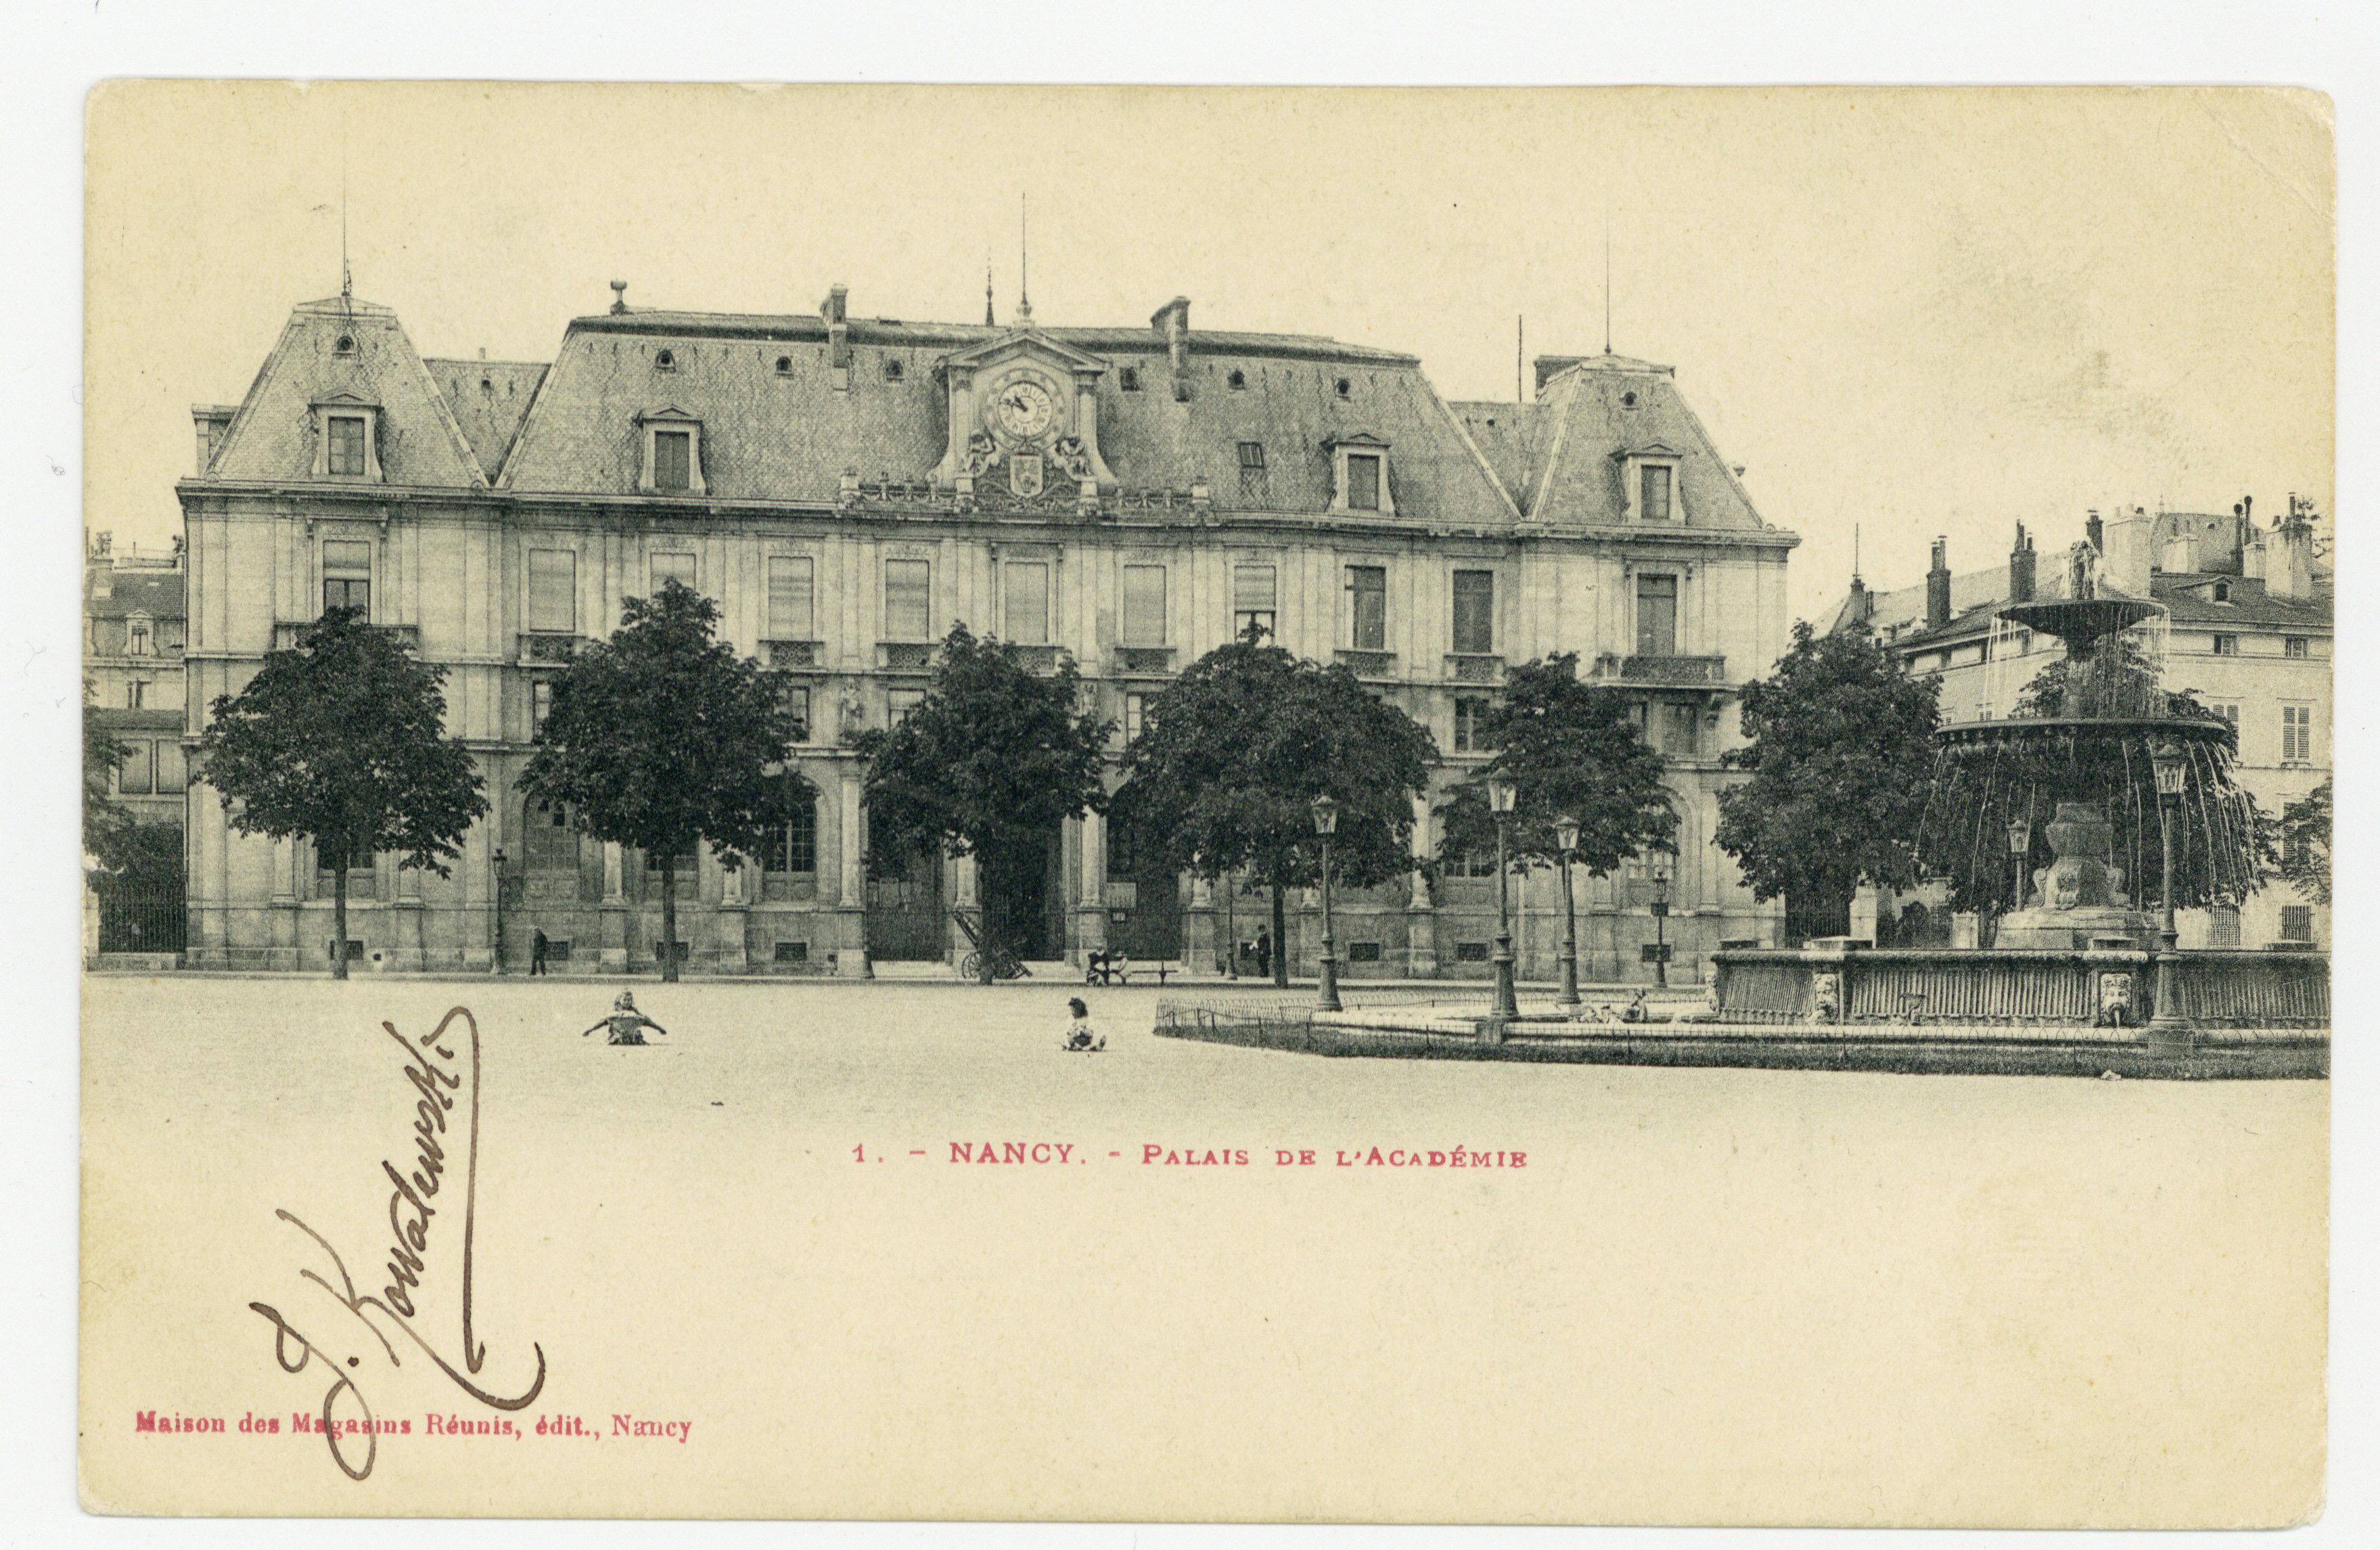 Contenu du Nancy. Palais de l'Académie